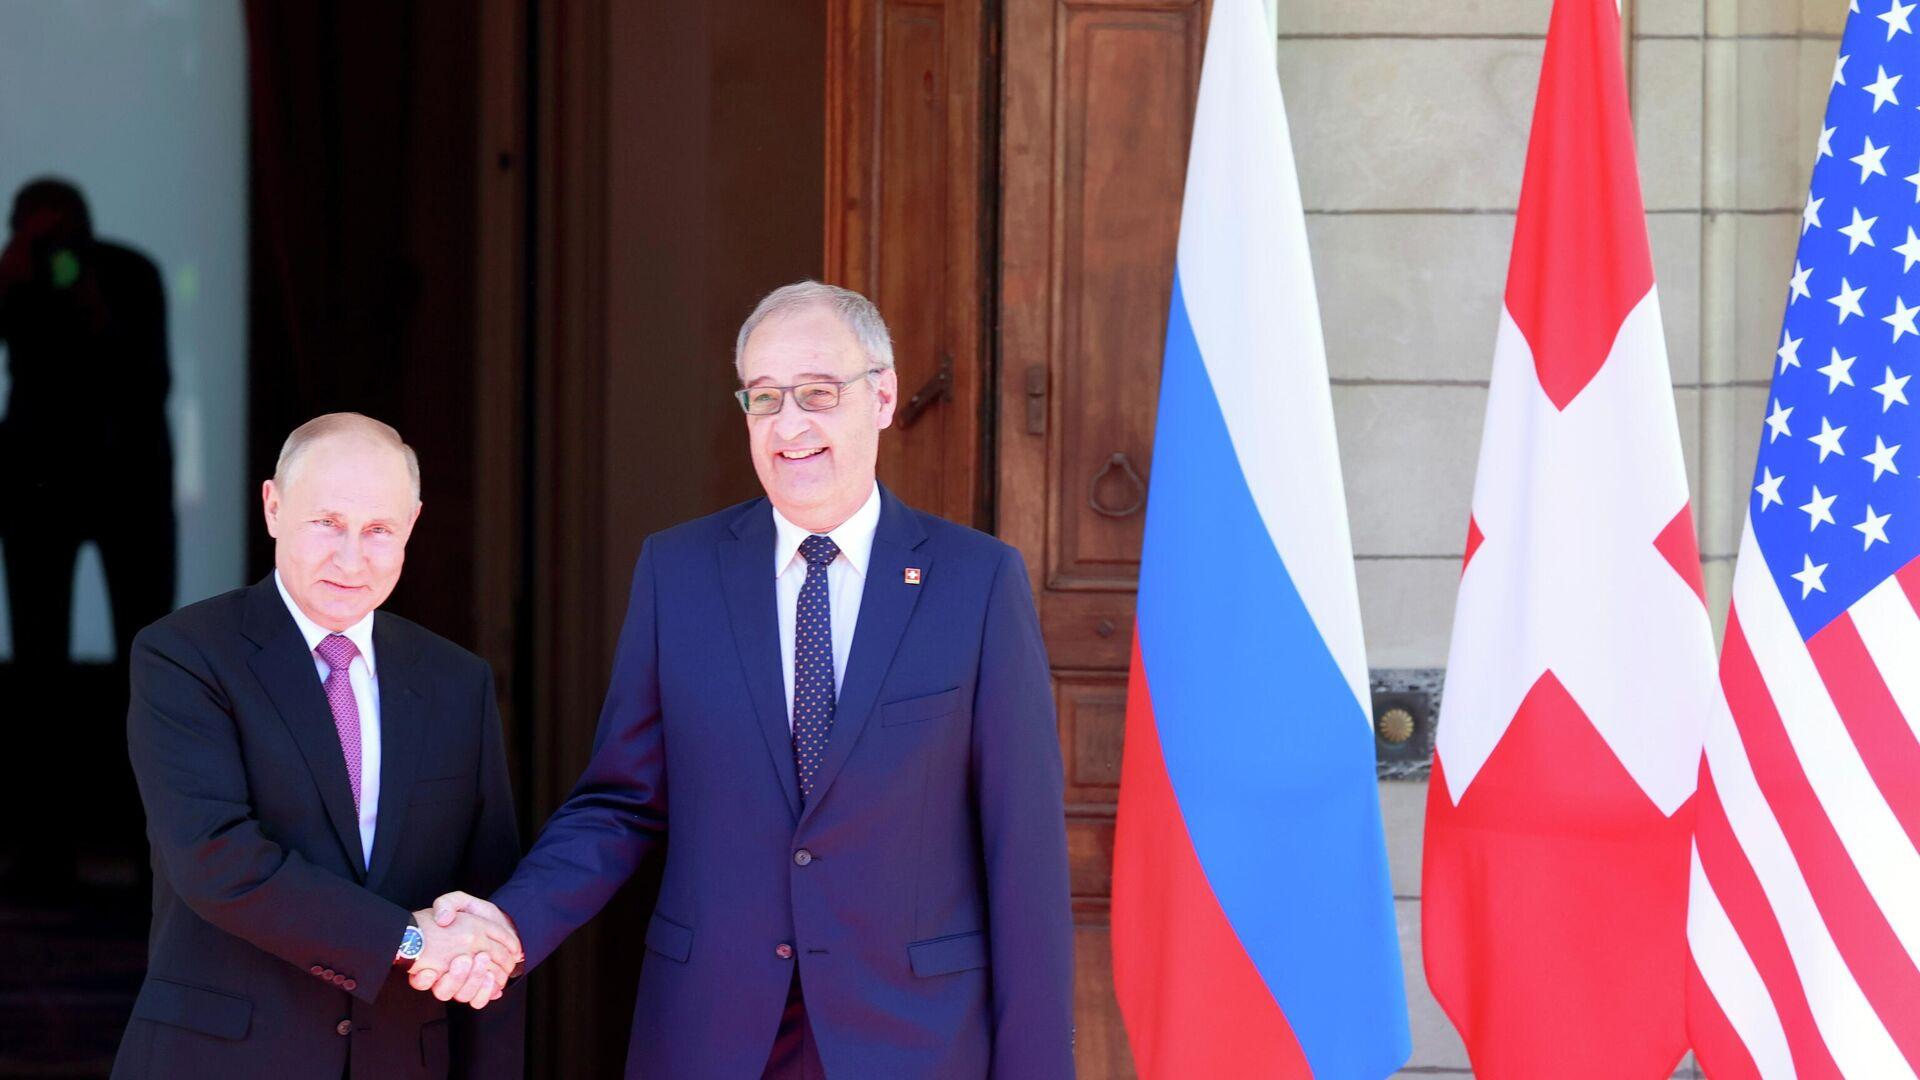 El presidente de Rusia, Vladímir Putin, y su par suizo, Guy Parmelin - Sputnik Mundo, 1920, 16.06.2021